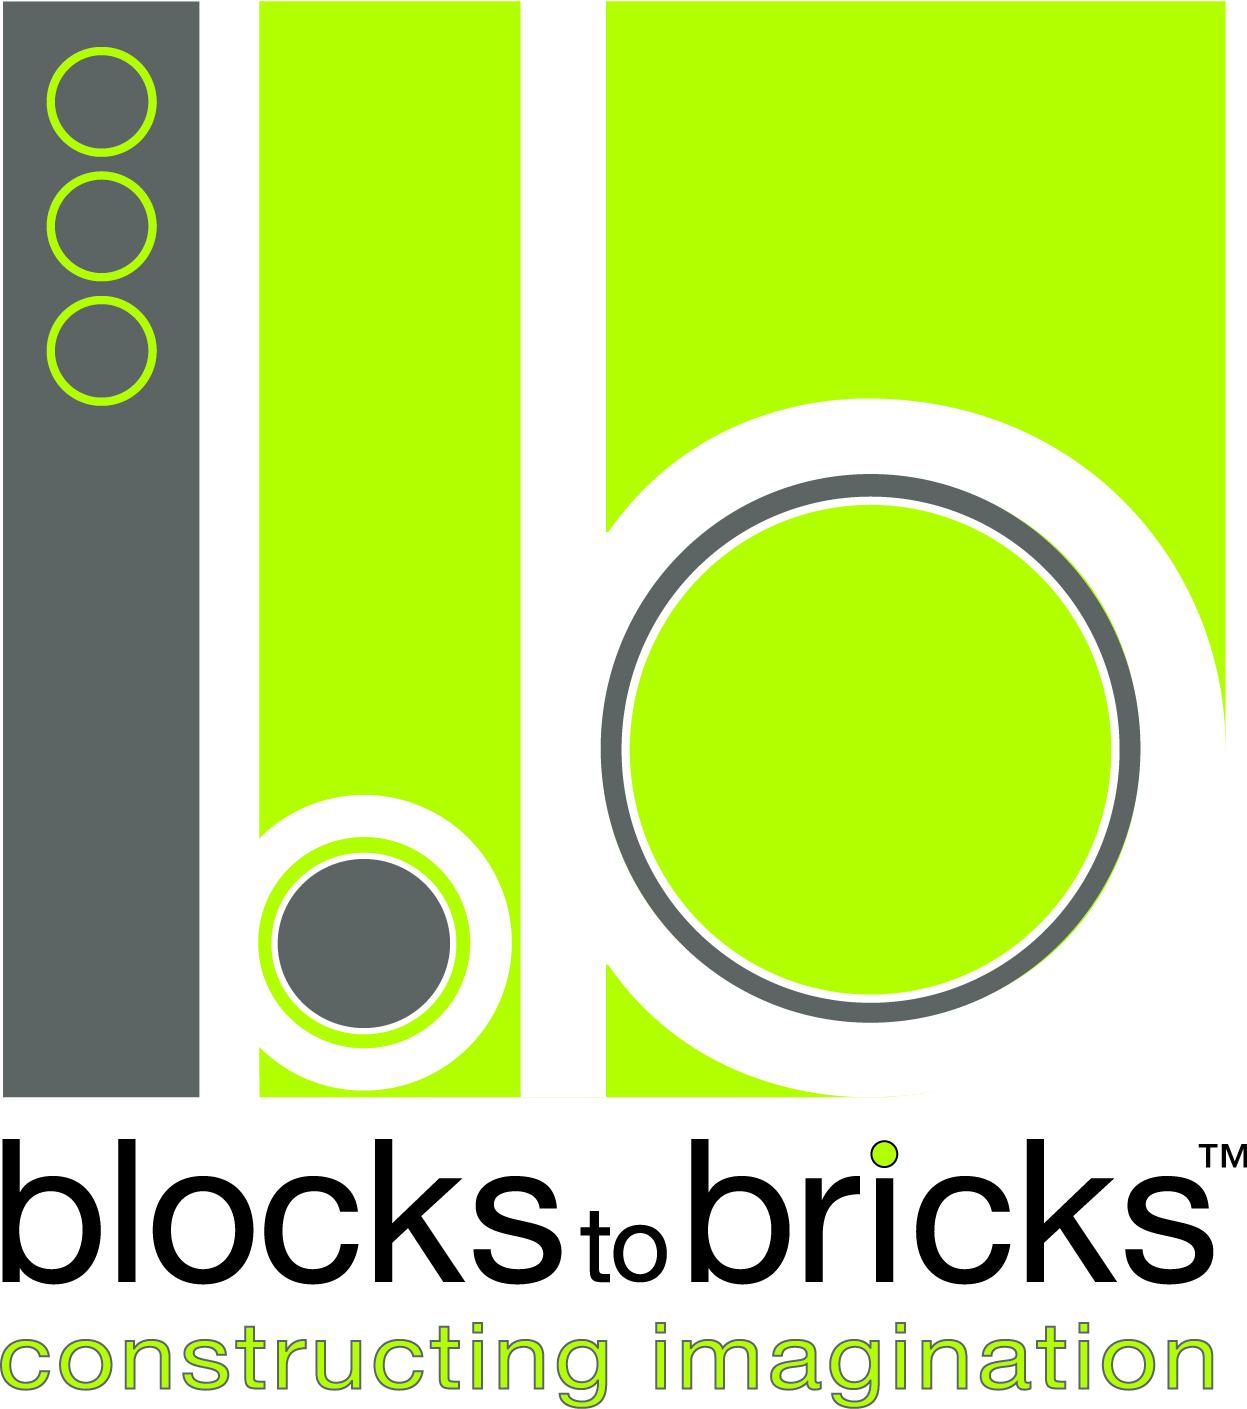 Blocks to Bricks